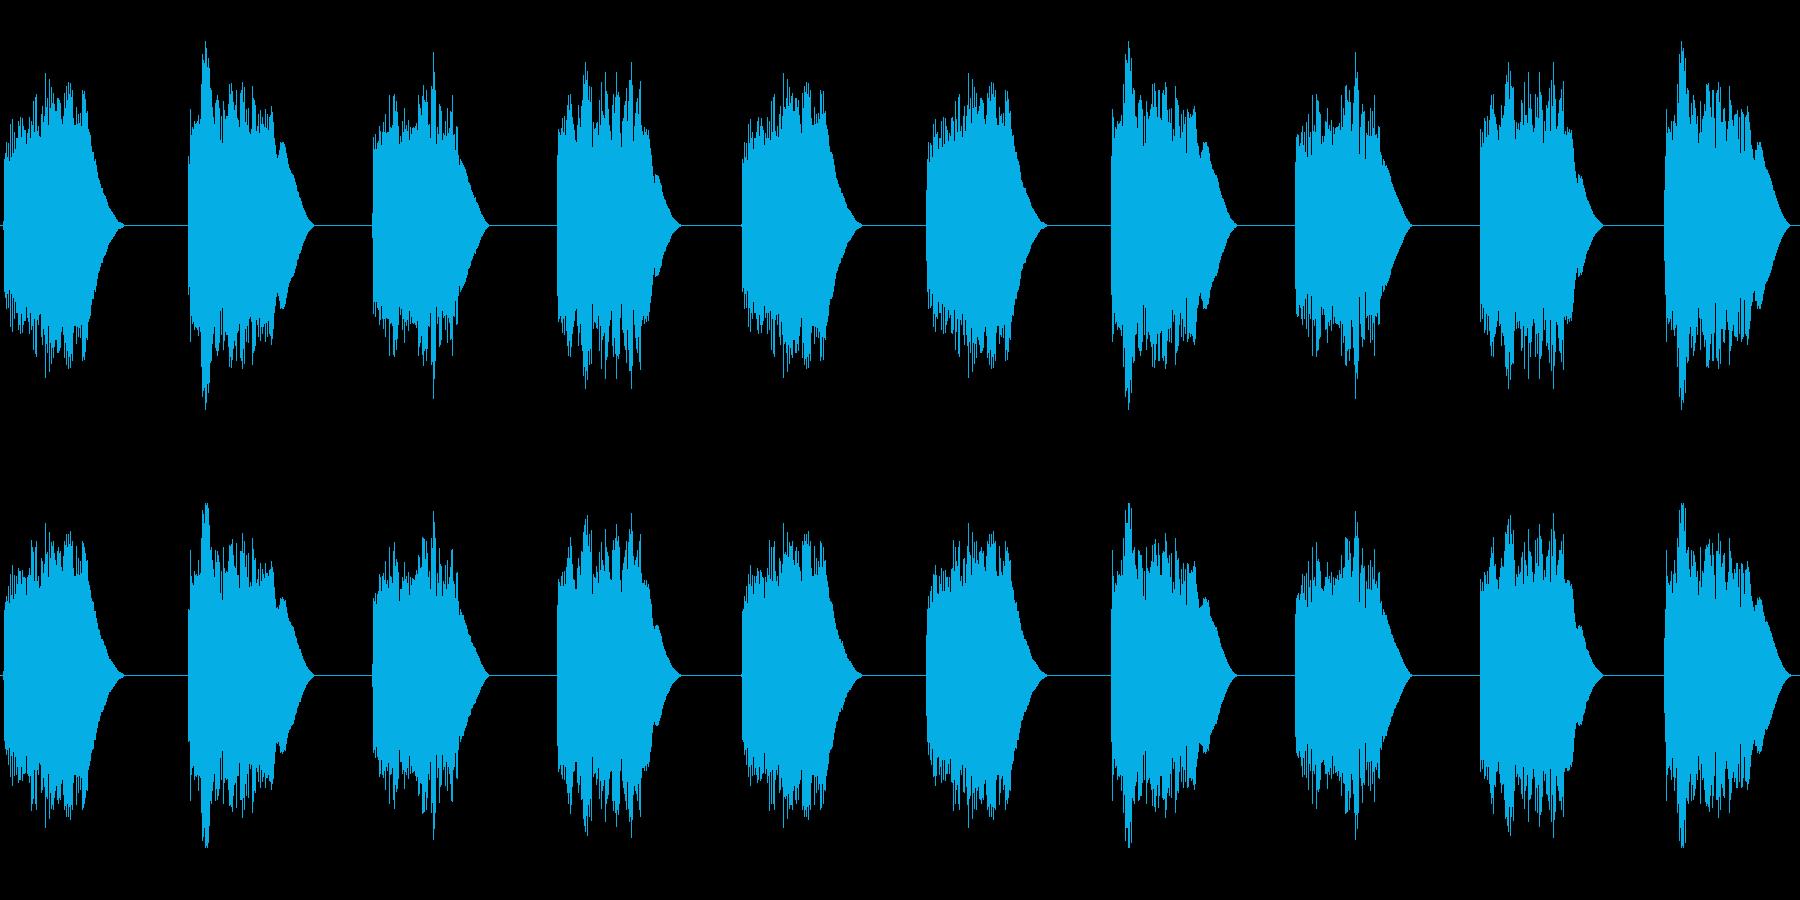 (ジリーンジリーン)黒電話着信音01の再生済みの波形